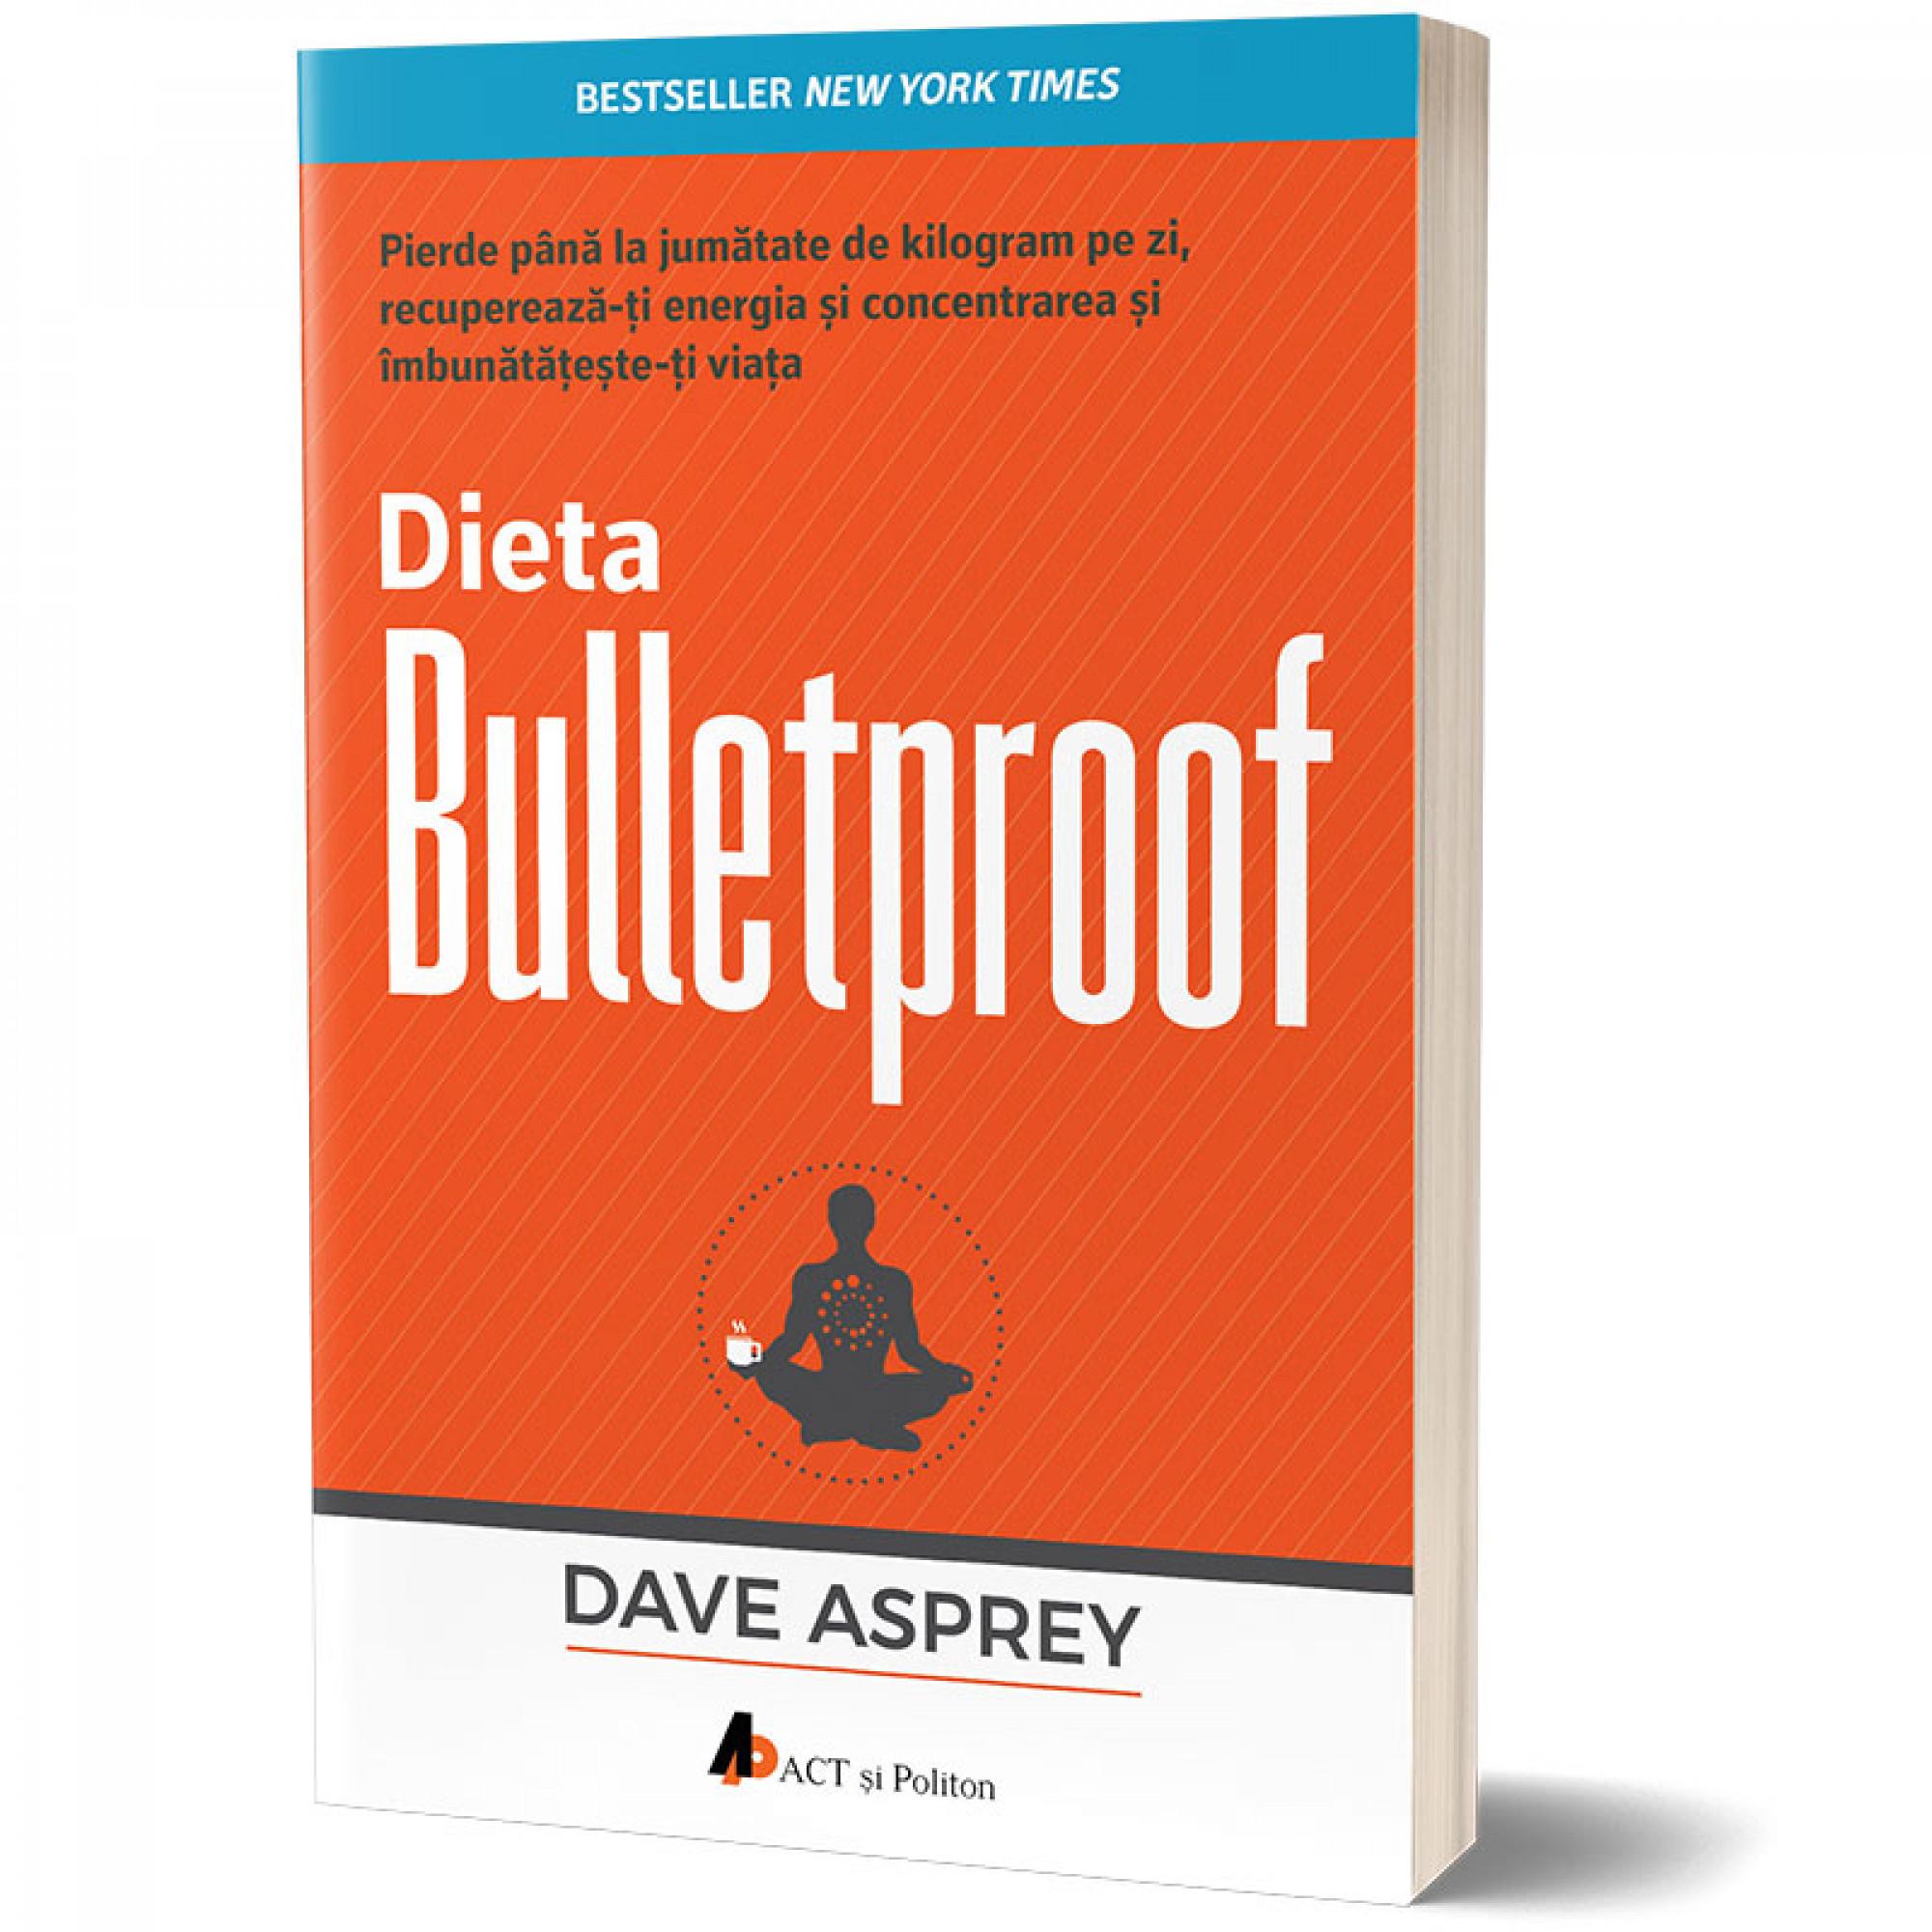 Dieta Bulletproof. Pierde până la jumătate de kilogram pe zi, recuperează-ți energia și concentrarea și îmbunătățește-ți viața